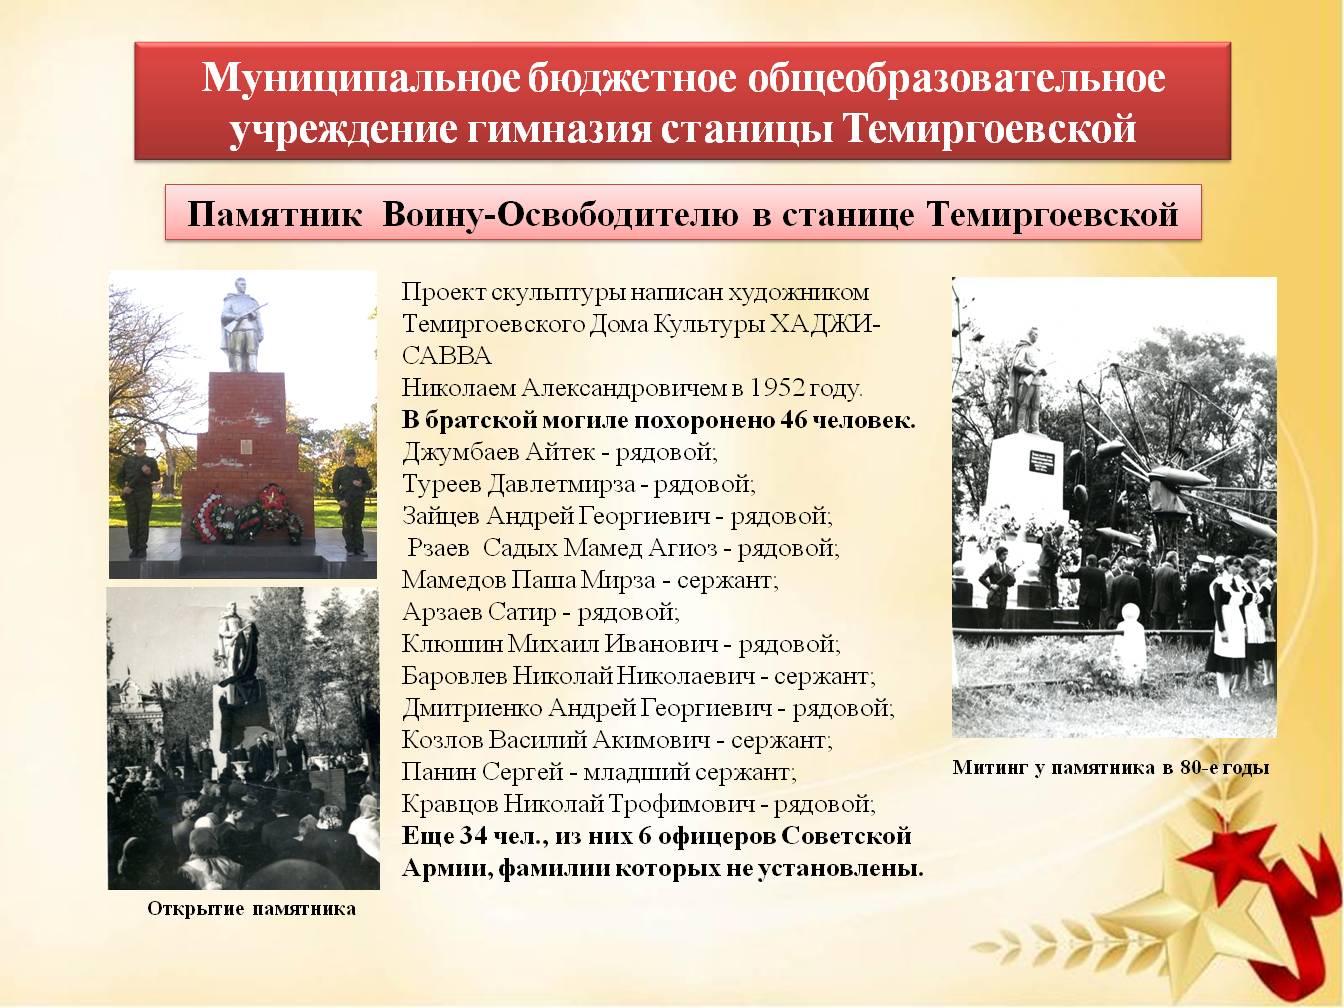 Памятник Воину-Освободителю.